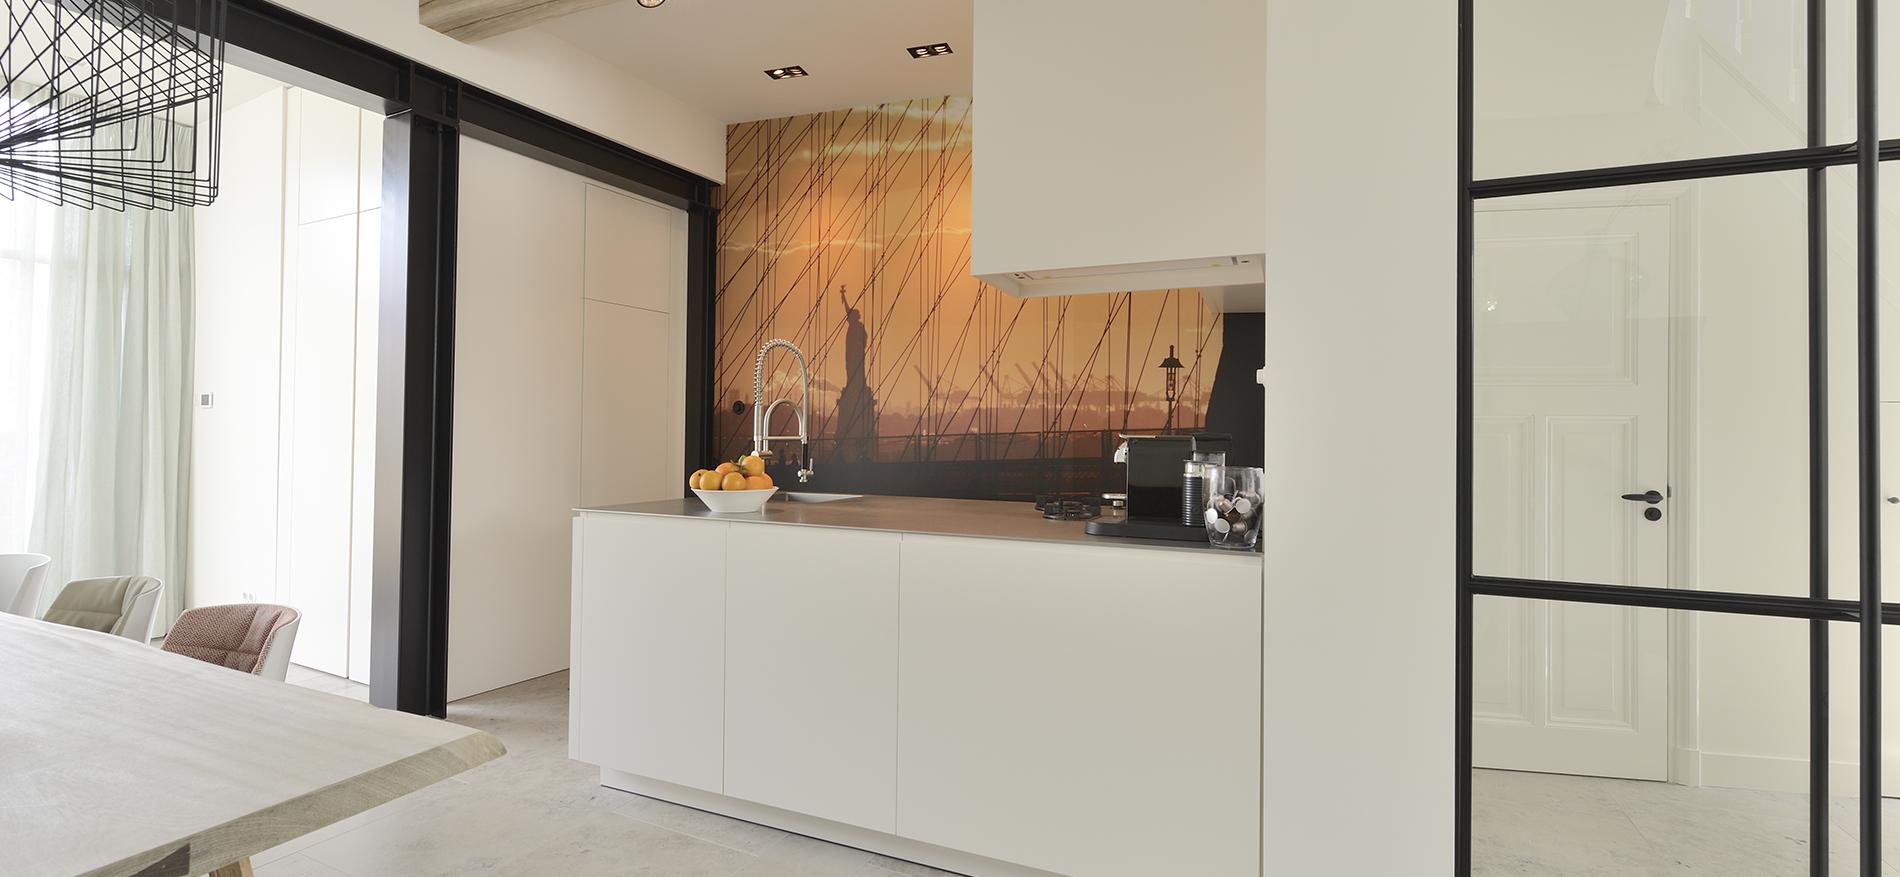 Top interieur op maat voor herenhuis in goes wsb for Inrichting interieur